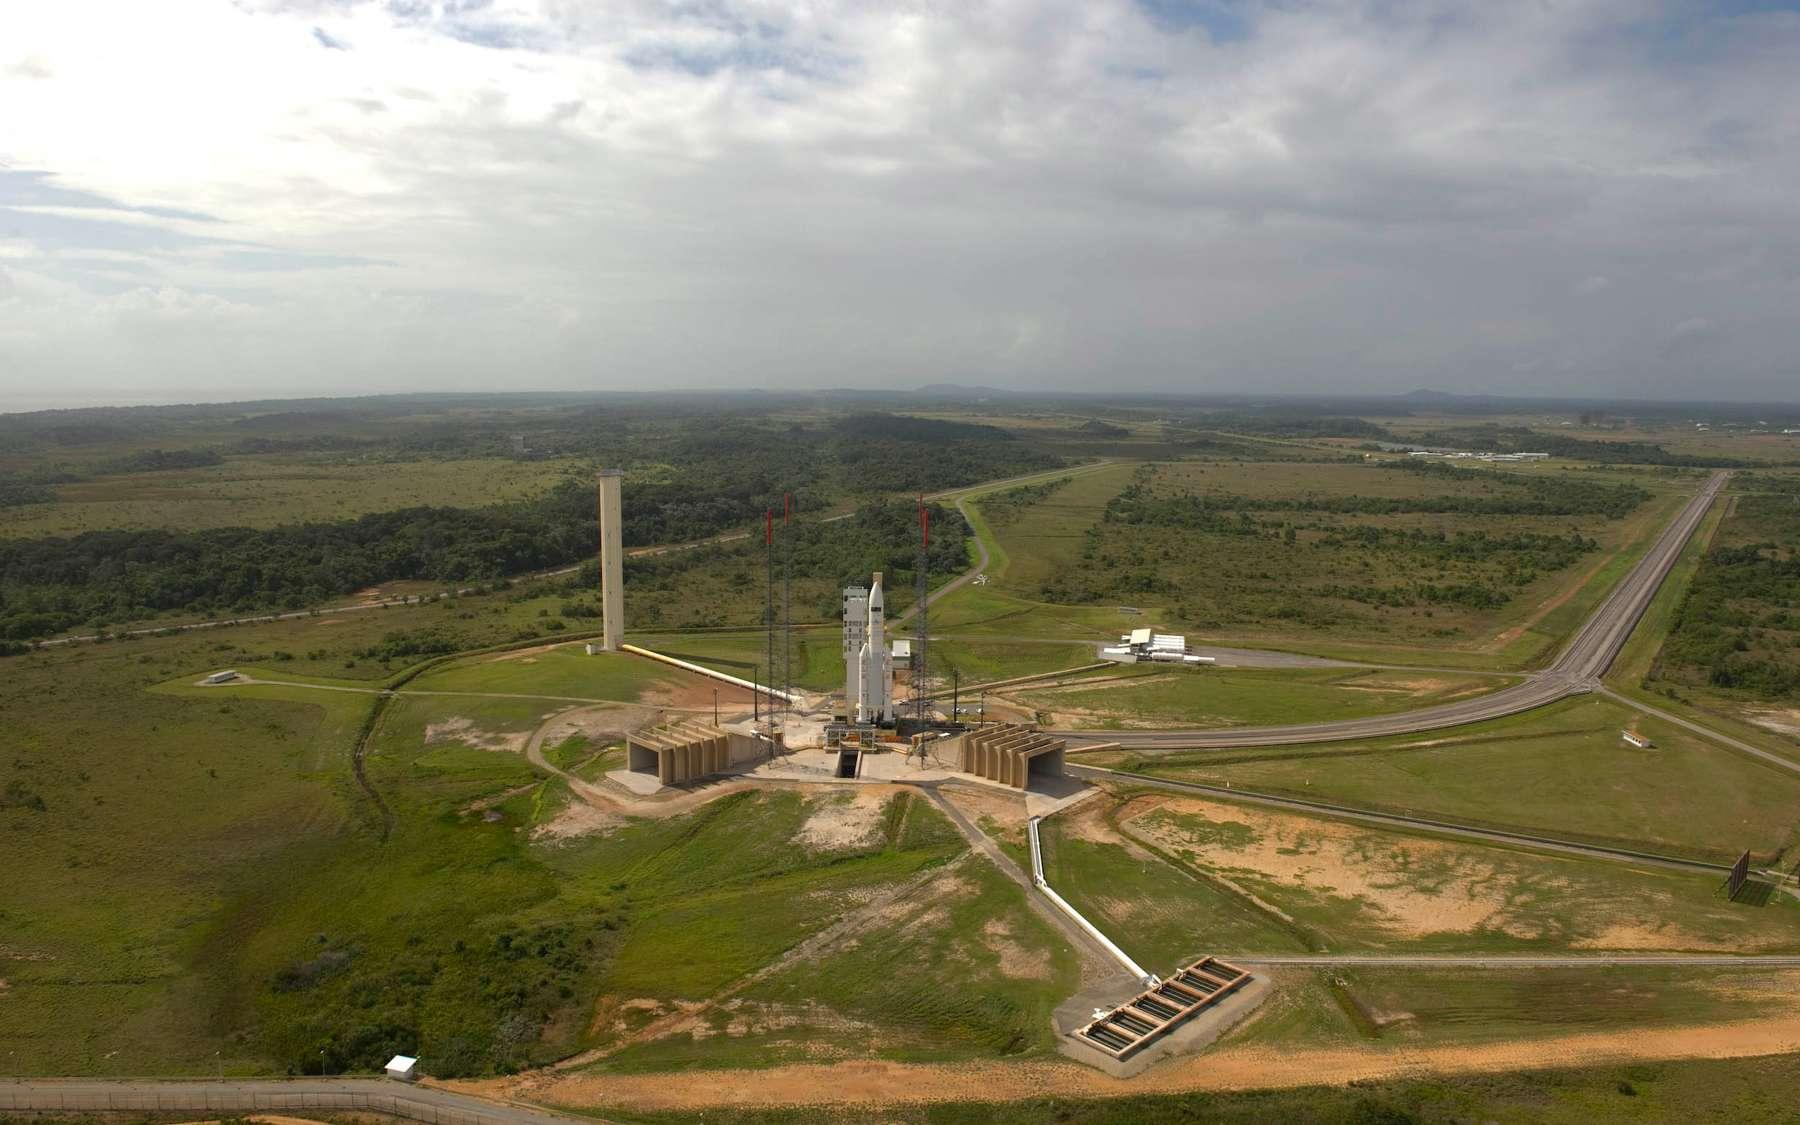 Le lanceur et les satellites Astra 3B et COMSATBw-2 ont été mis en attente et en conditions de sécurité maximales. Crédits 2010 ESA / Cnes-Arianespace / Photo Optique Video CSG /S. Corvaja